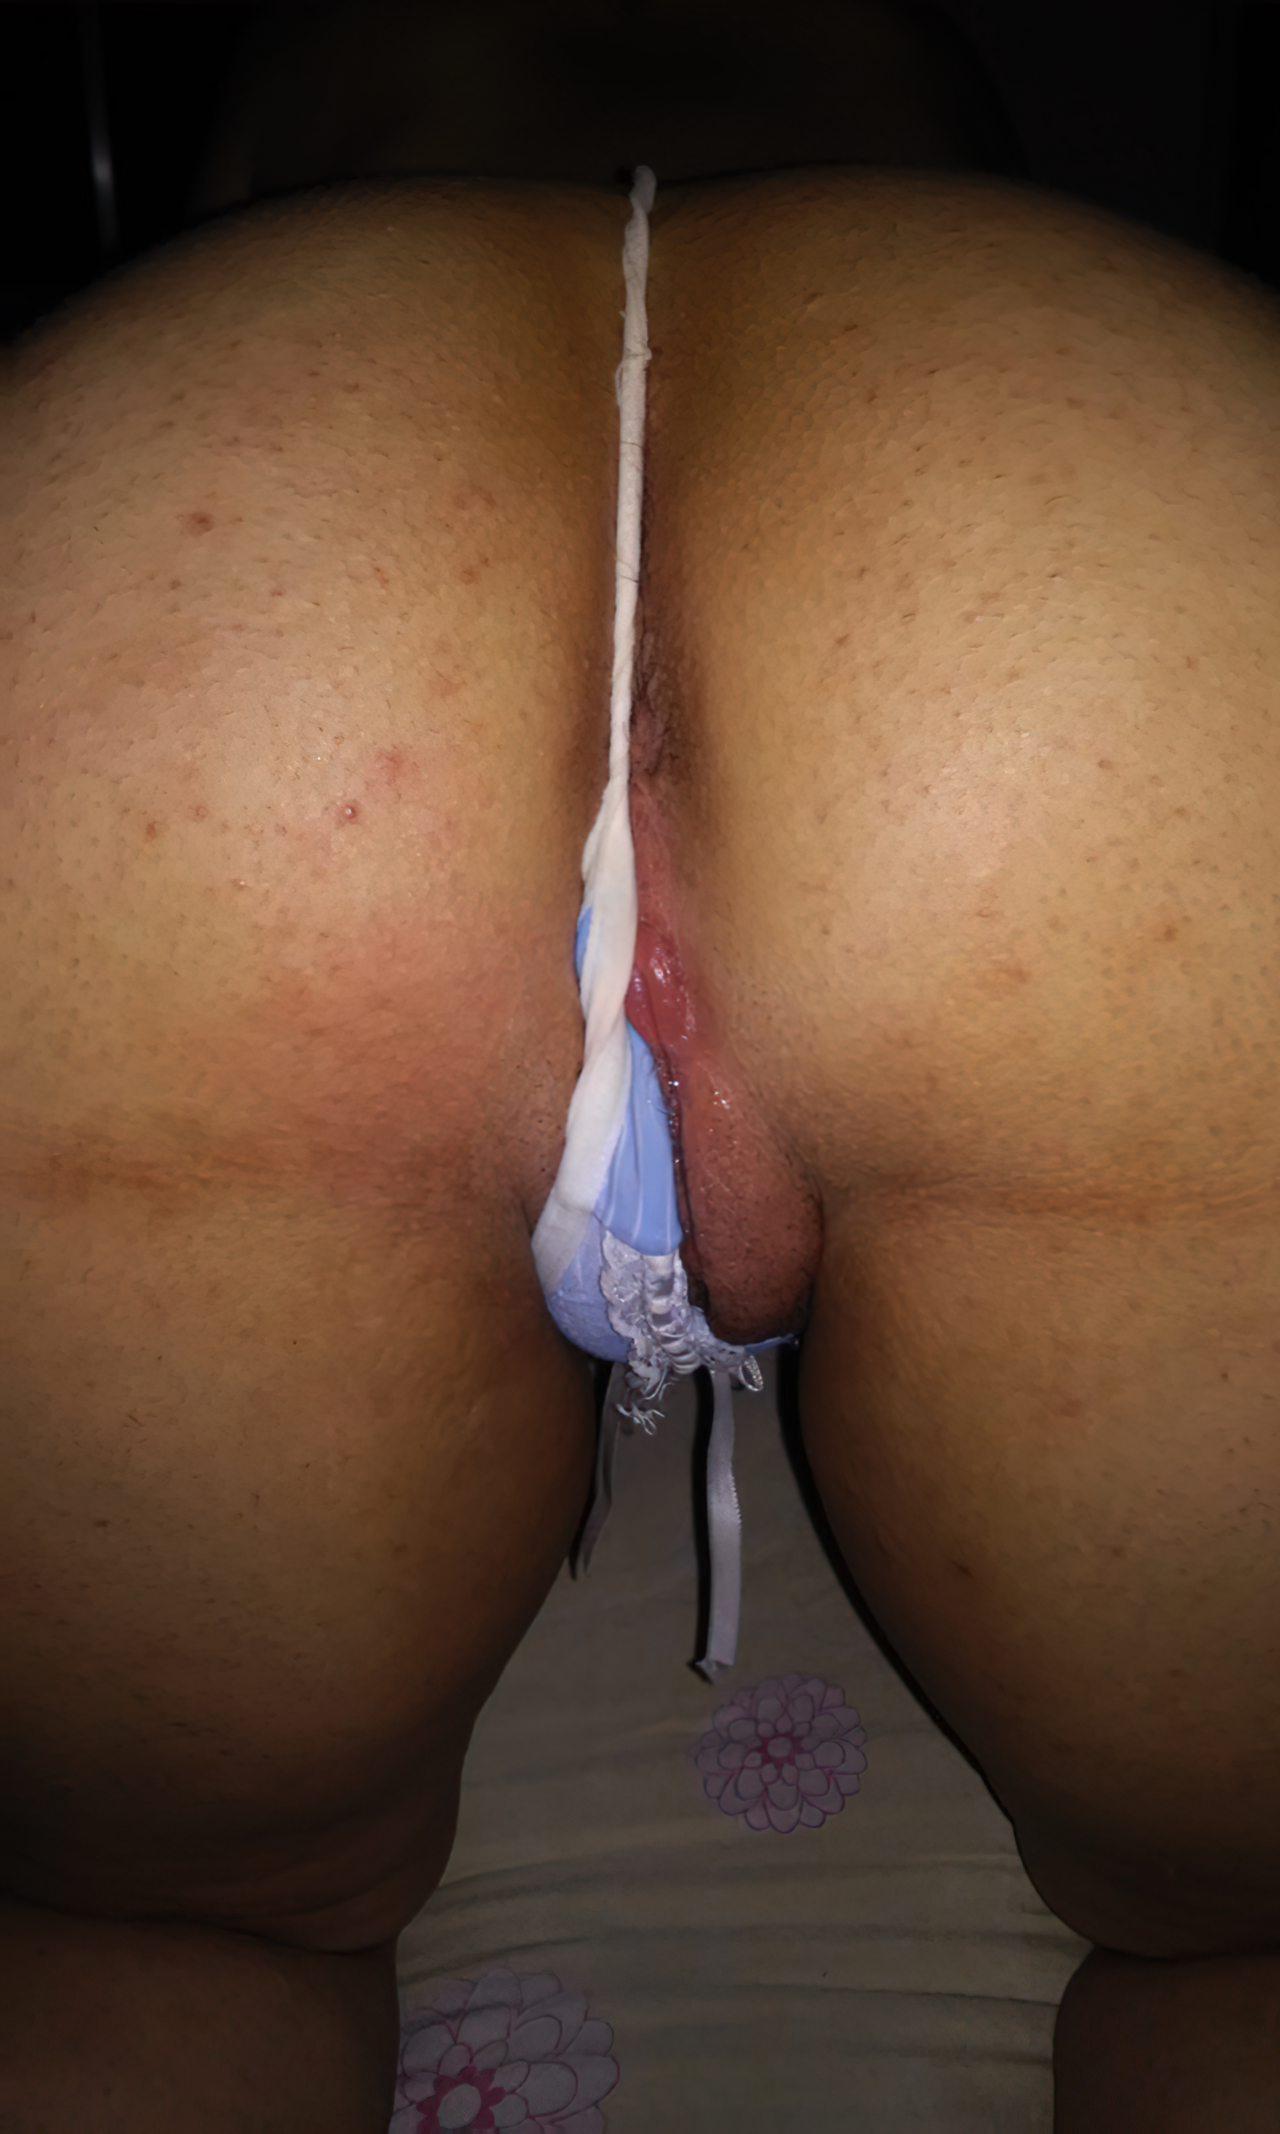 Esposinha Puta (9)